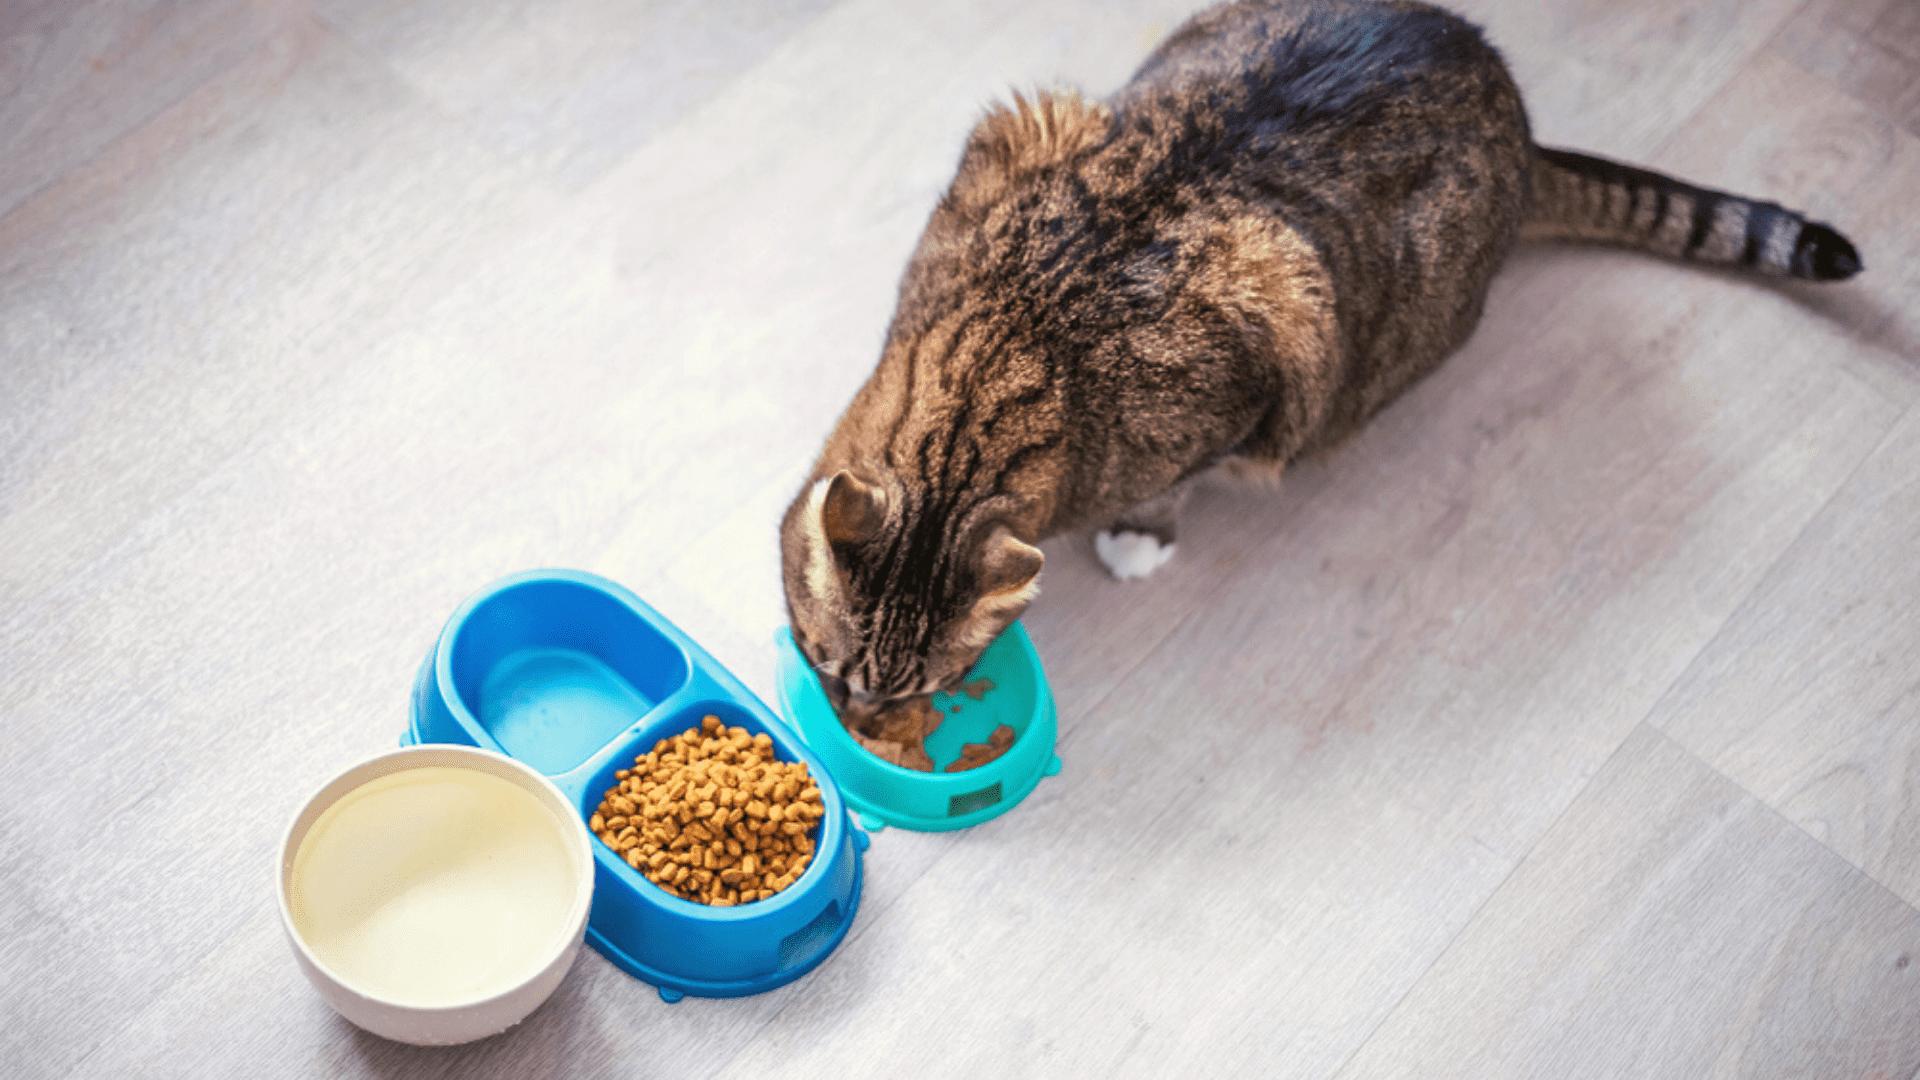 O comedouros e bebedouro para gato podem ser manuais ou automáticos (Reprodução/Shutterstock)